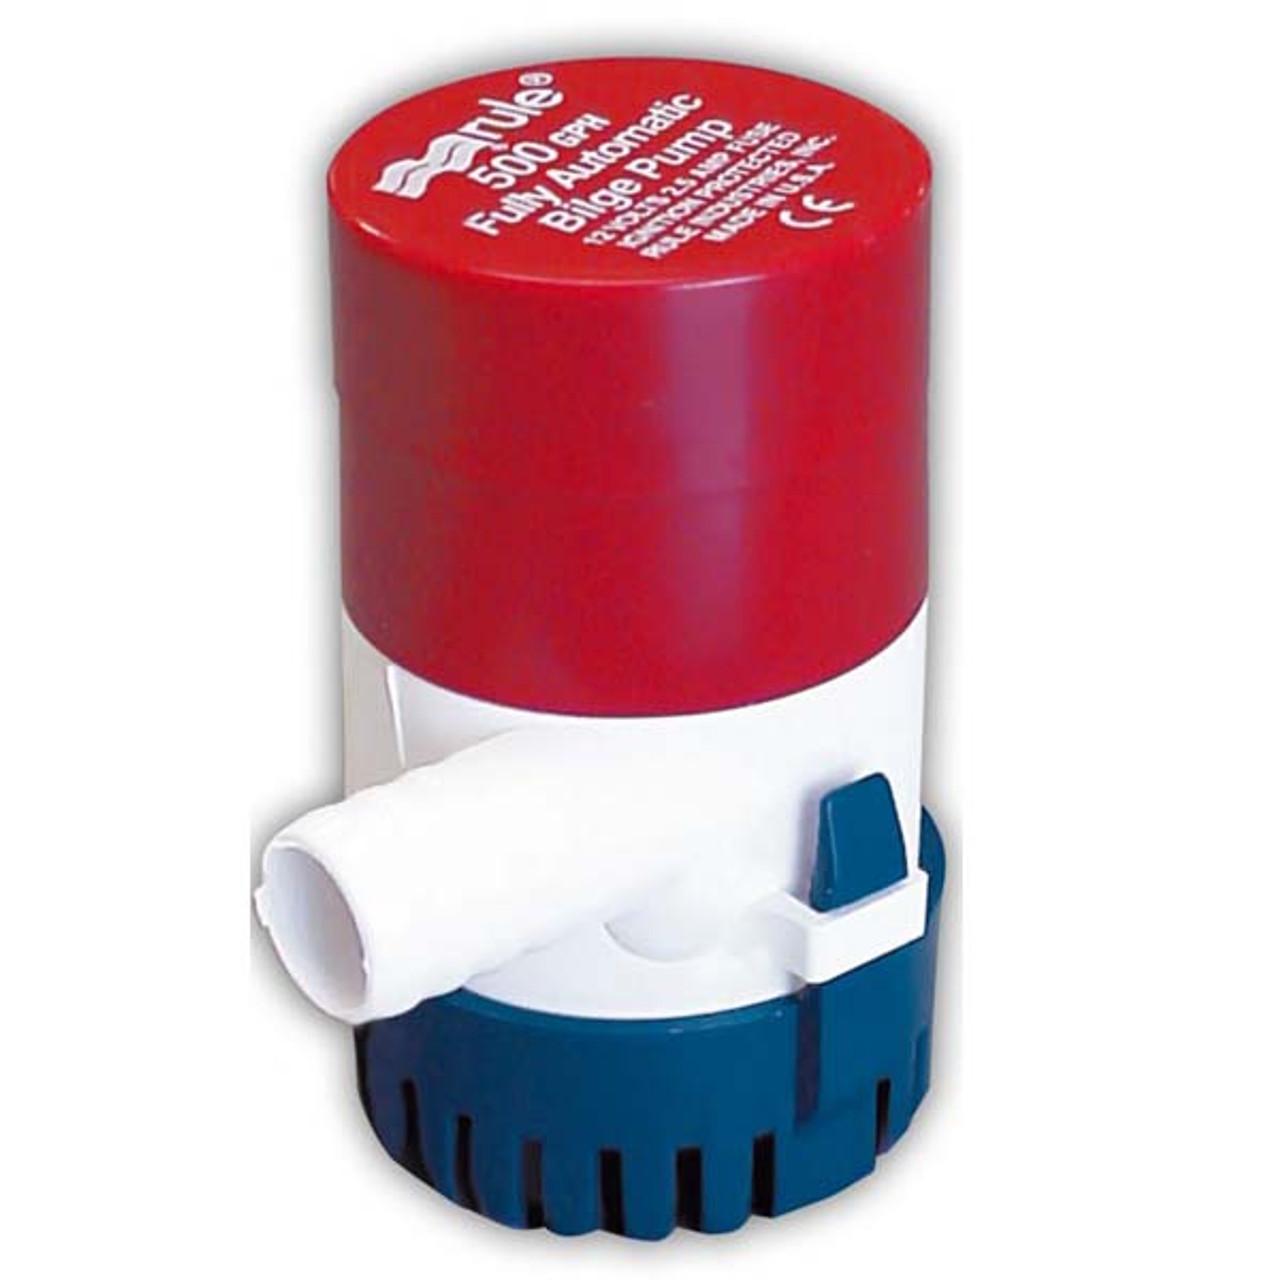 Bilge Pump Wiring Diagram Likewise Rule Automatic Bilge Pump Wiring